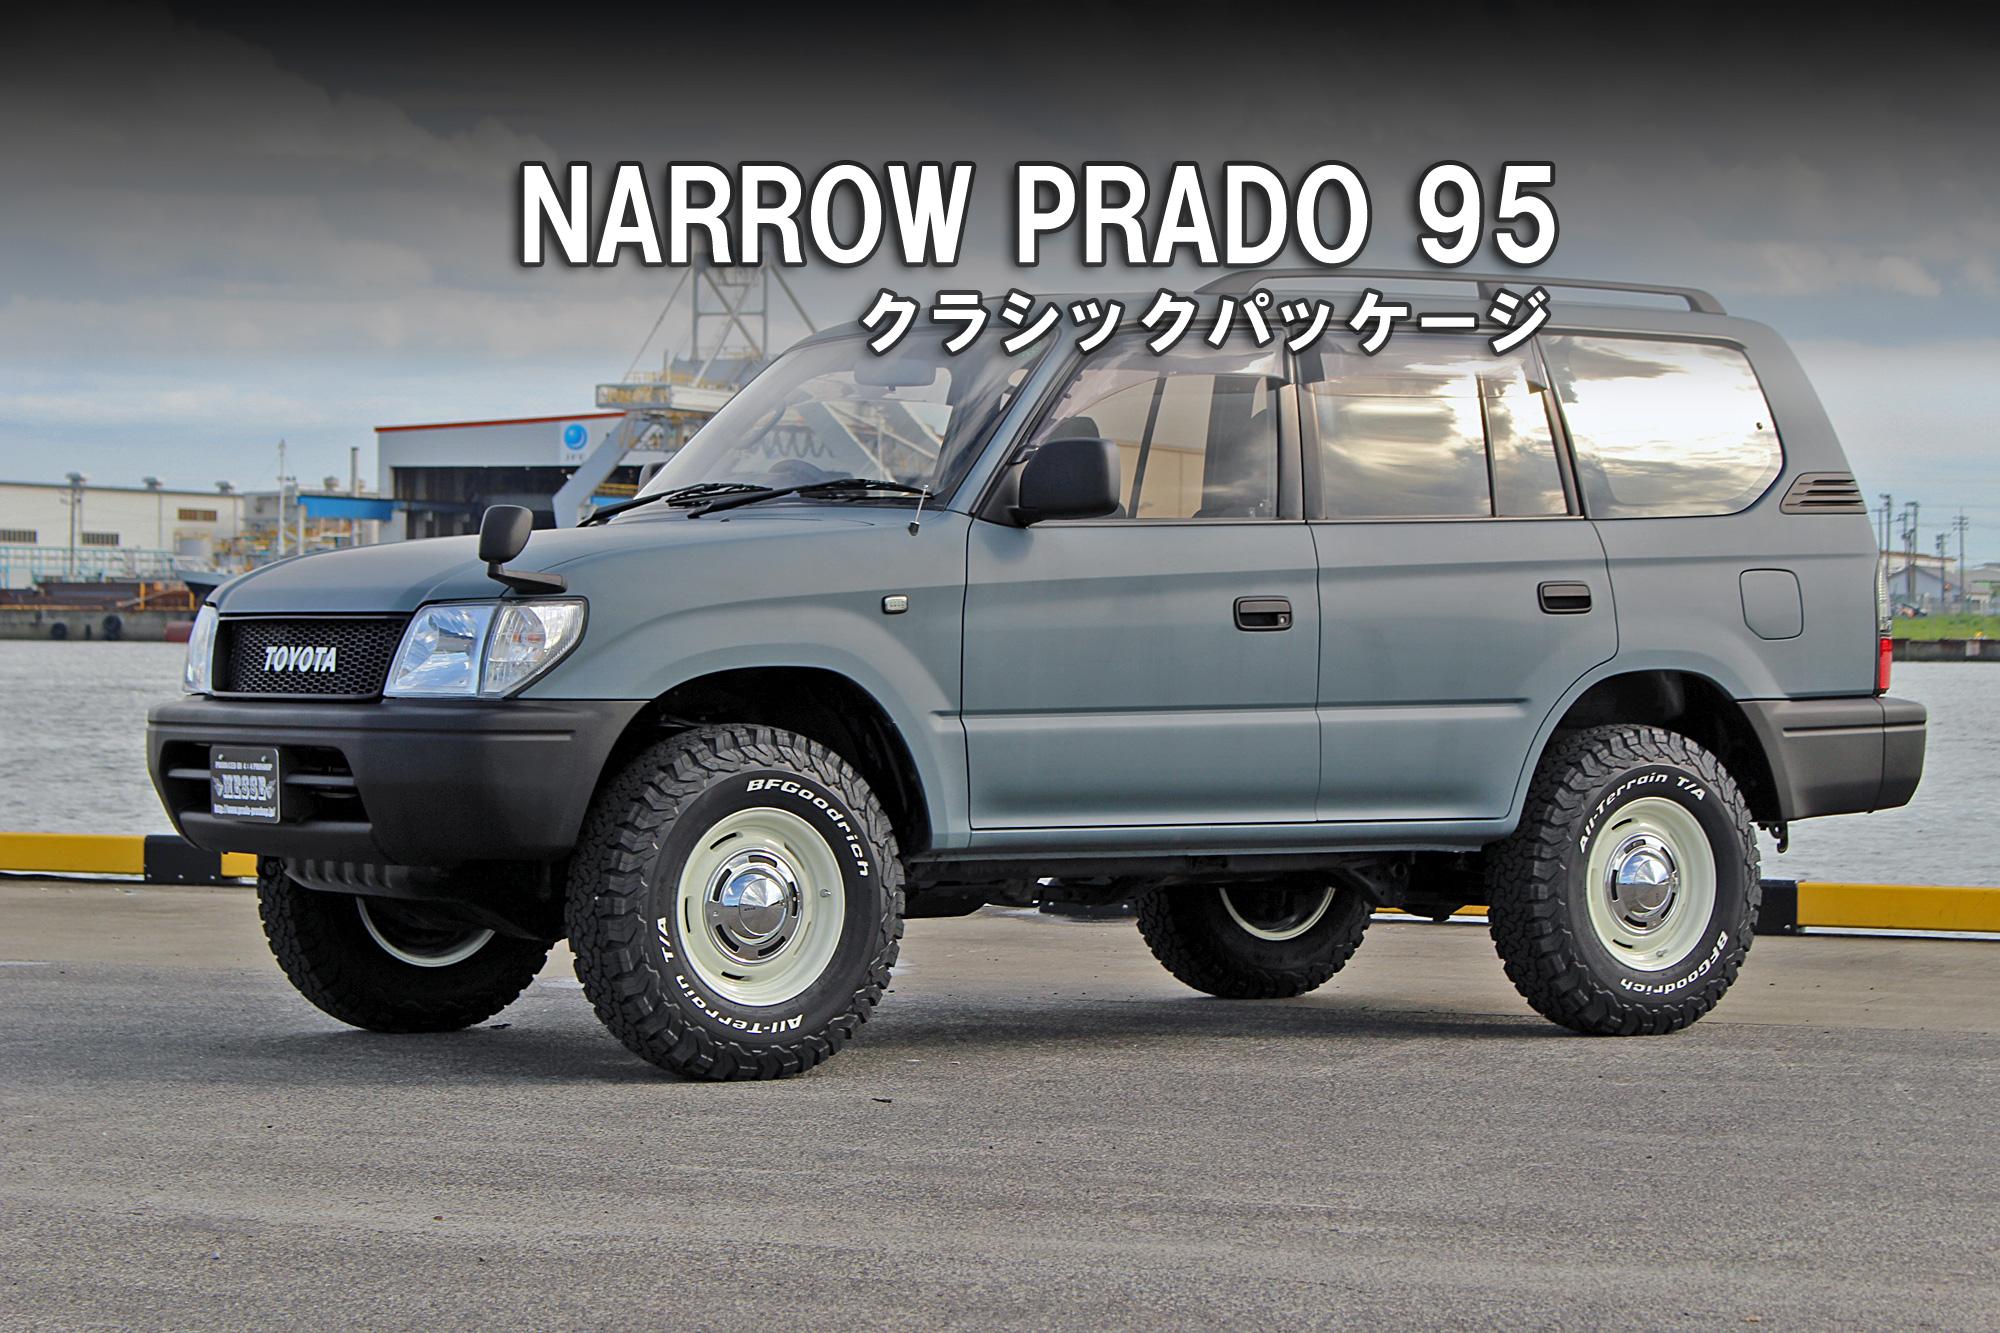 ナロープラド95クラシックパッケージ-top